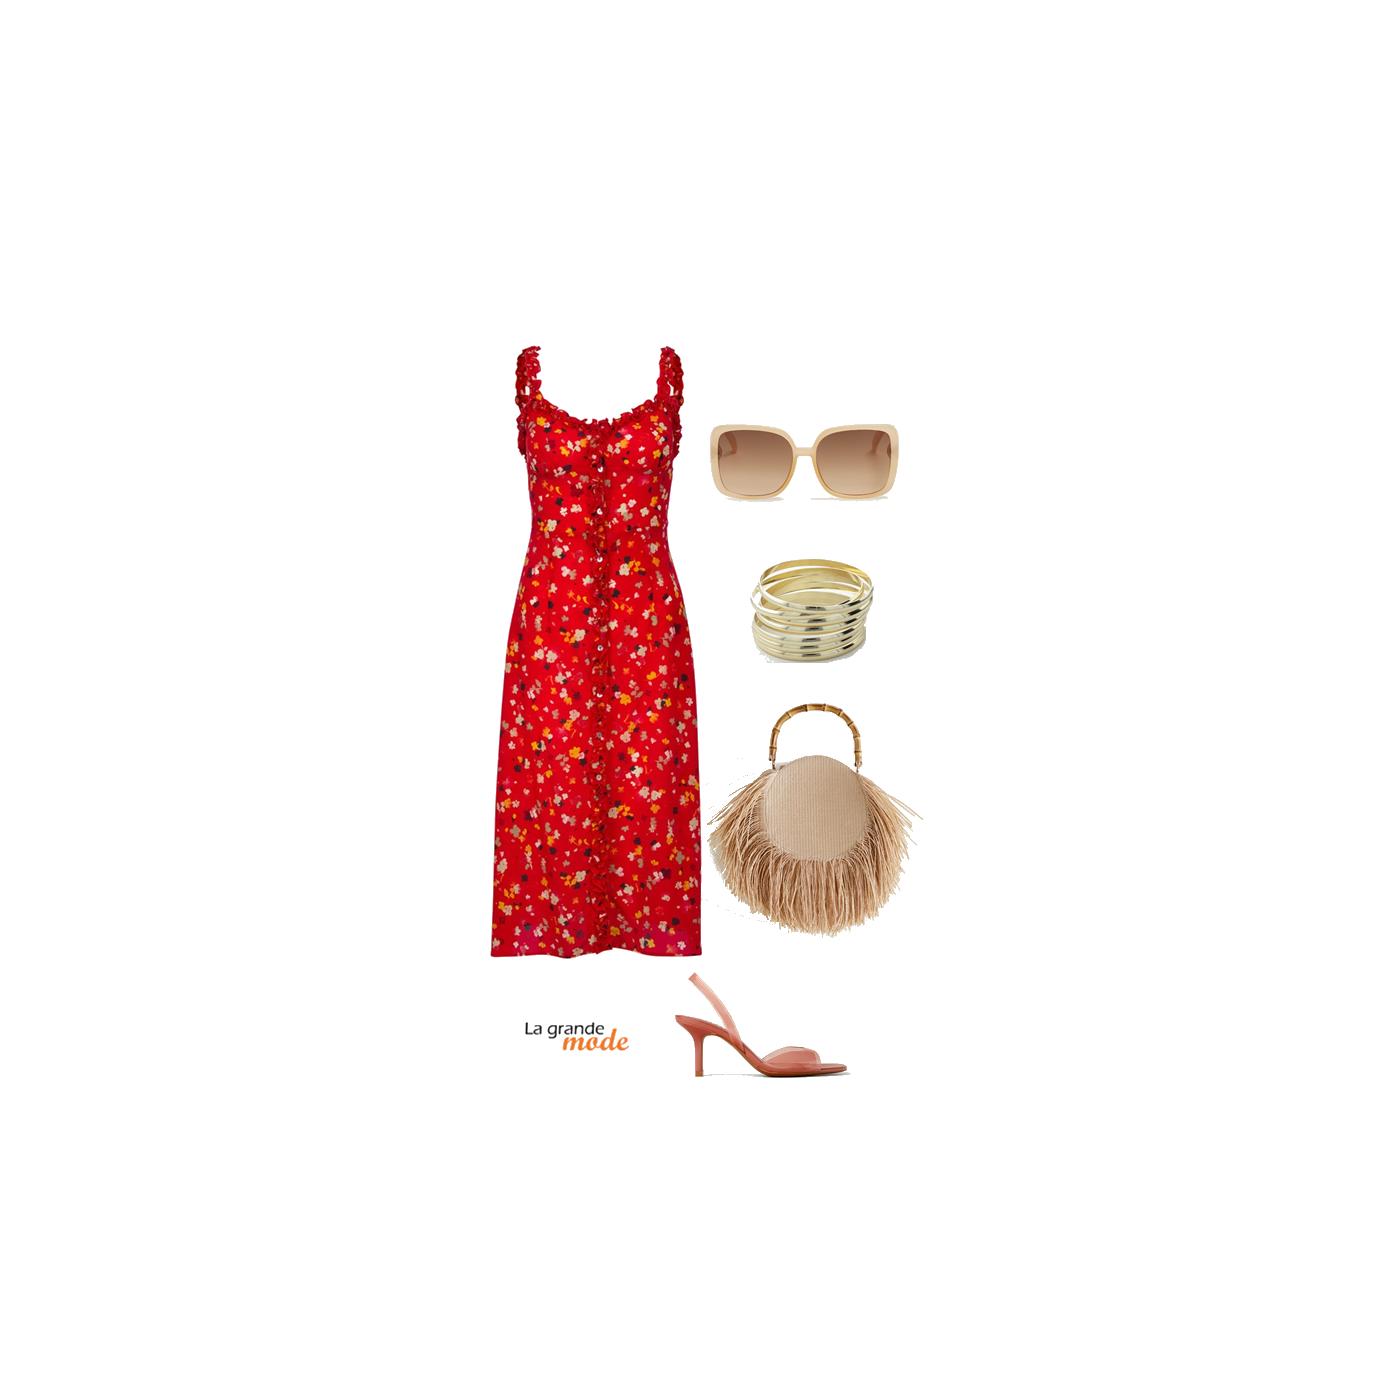 La Grande Mode - Idée look avec une robe à fleurs et un panier - Tendance mode printemps été 2019 SS2019 SS19